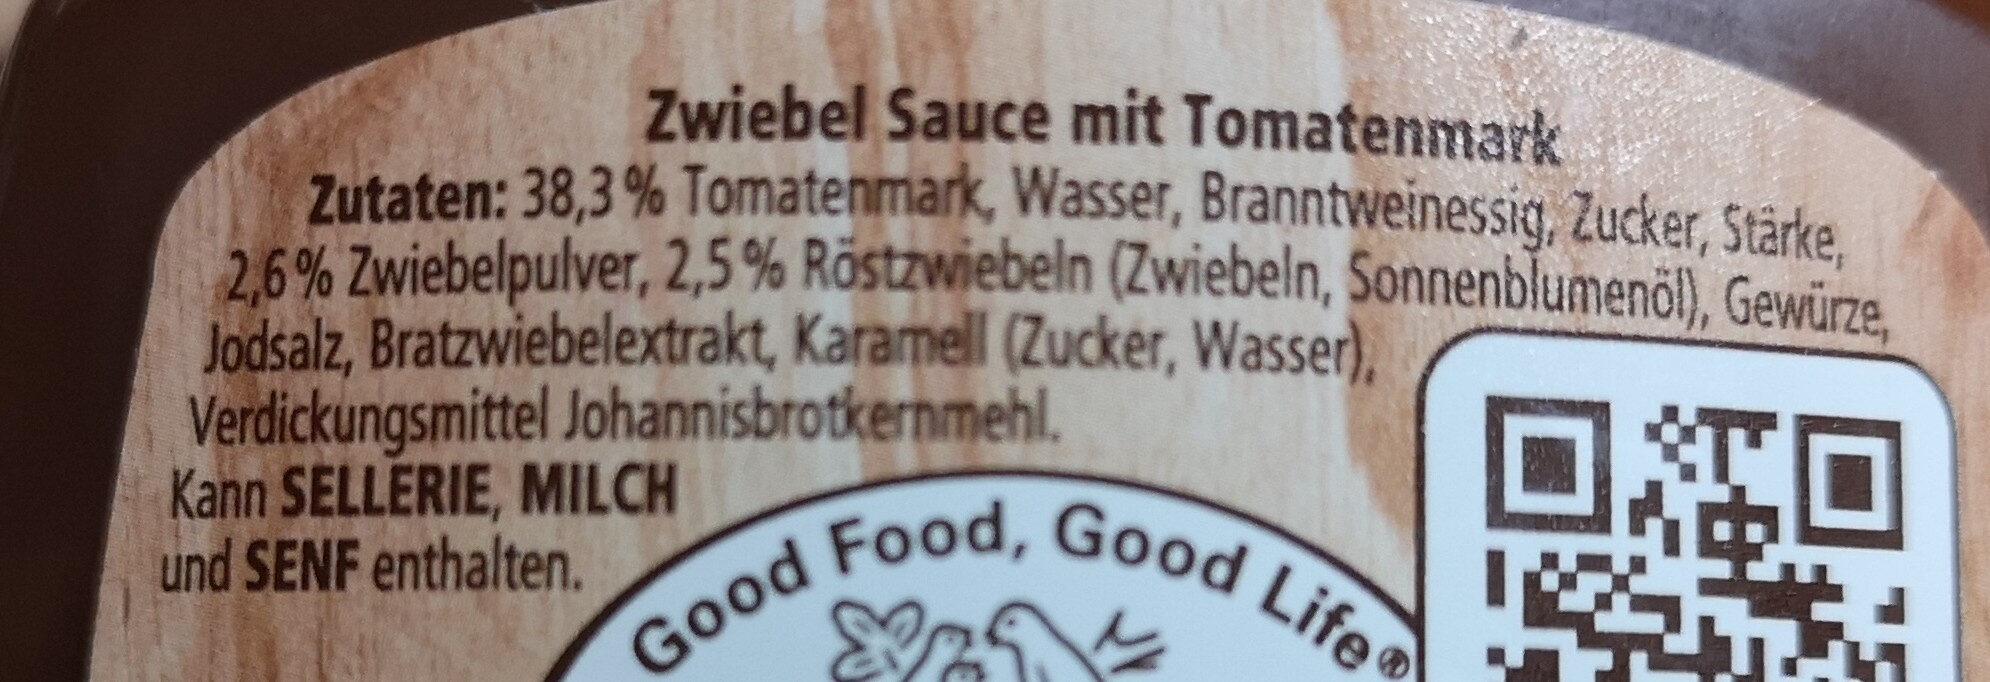 onion sausen - Ingrediënten - de